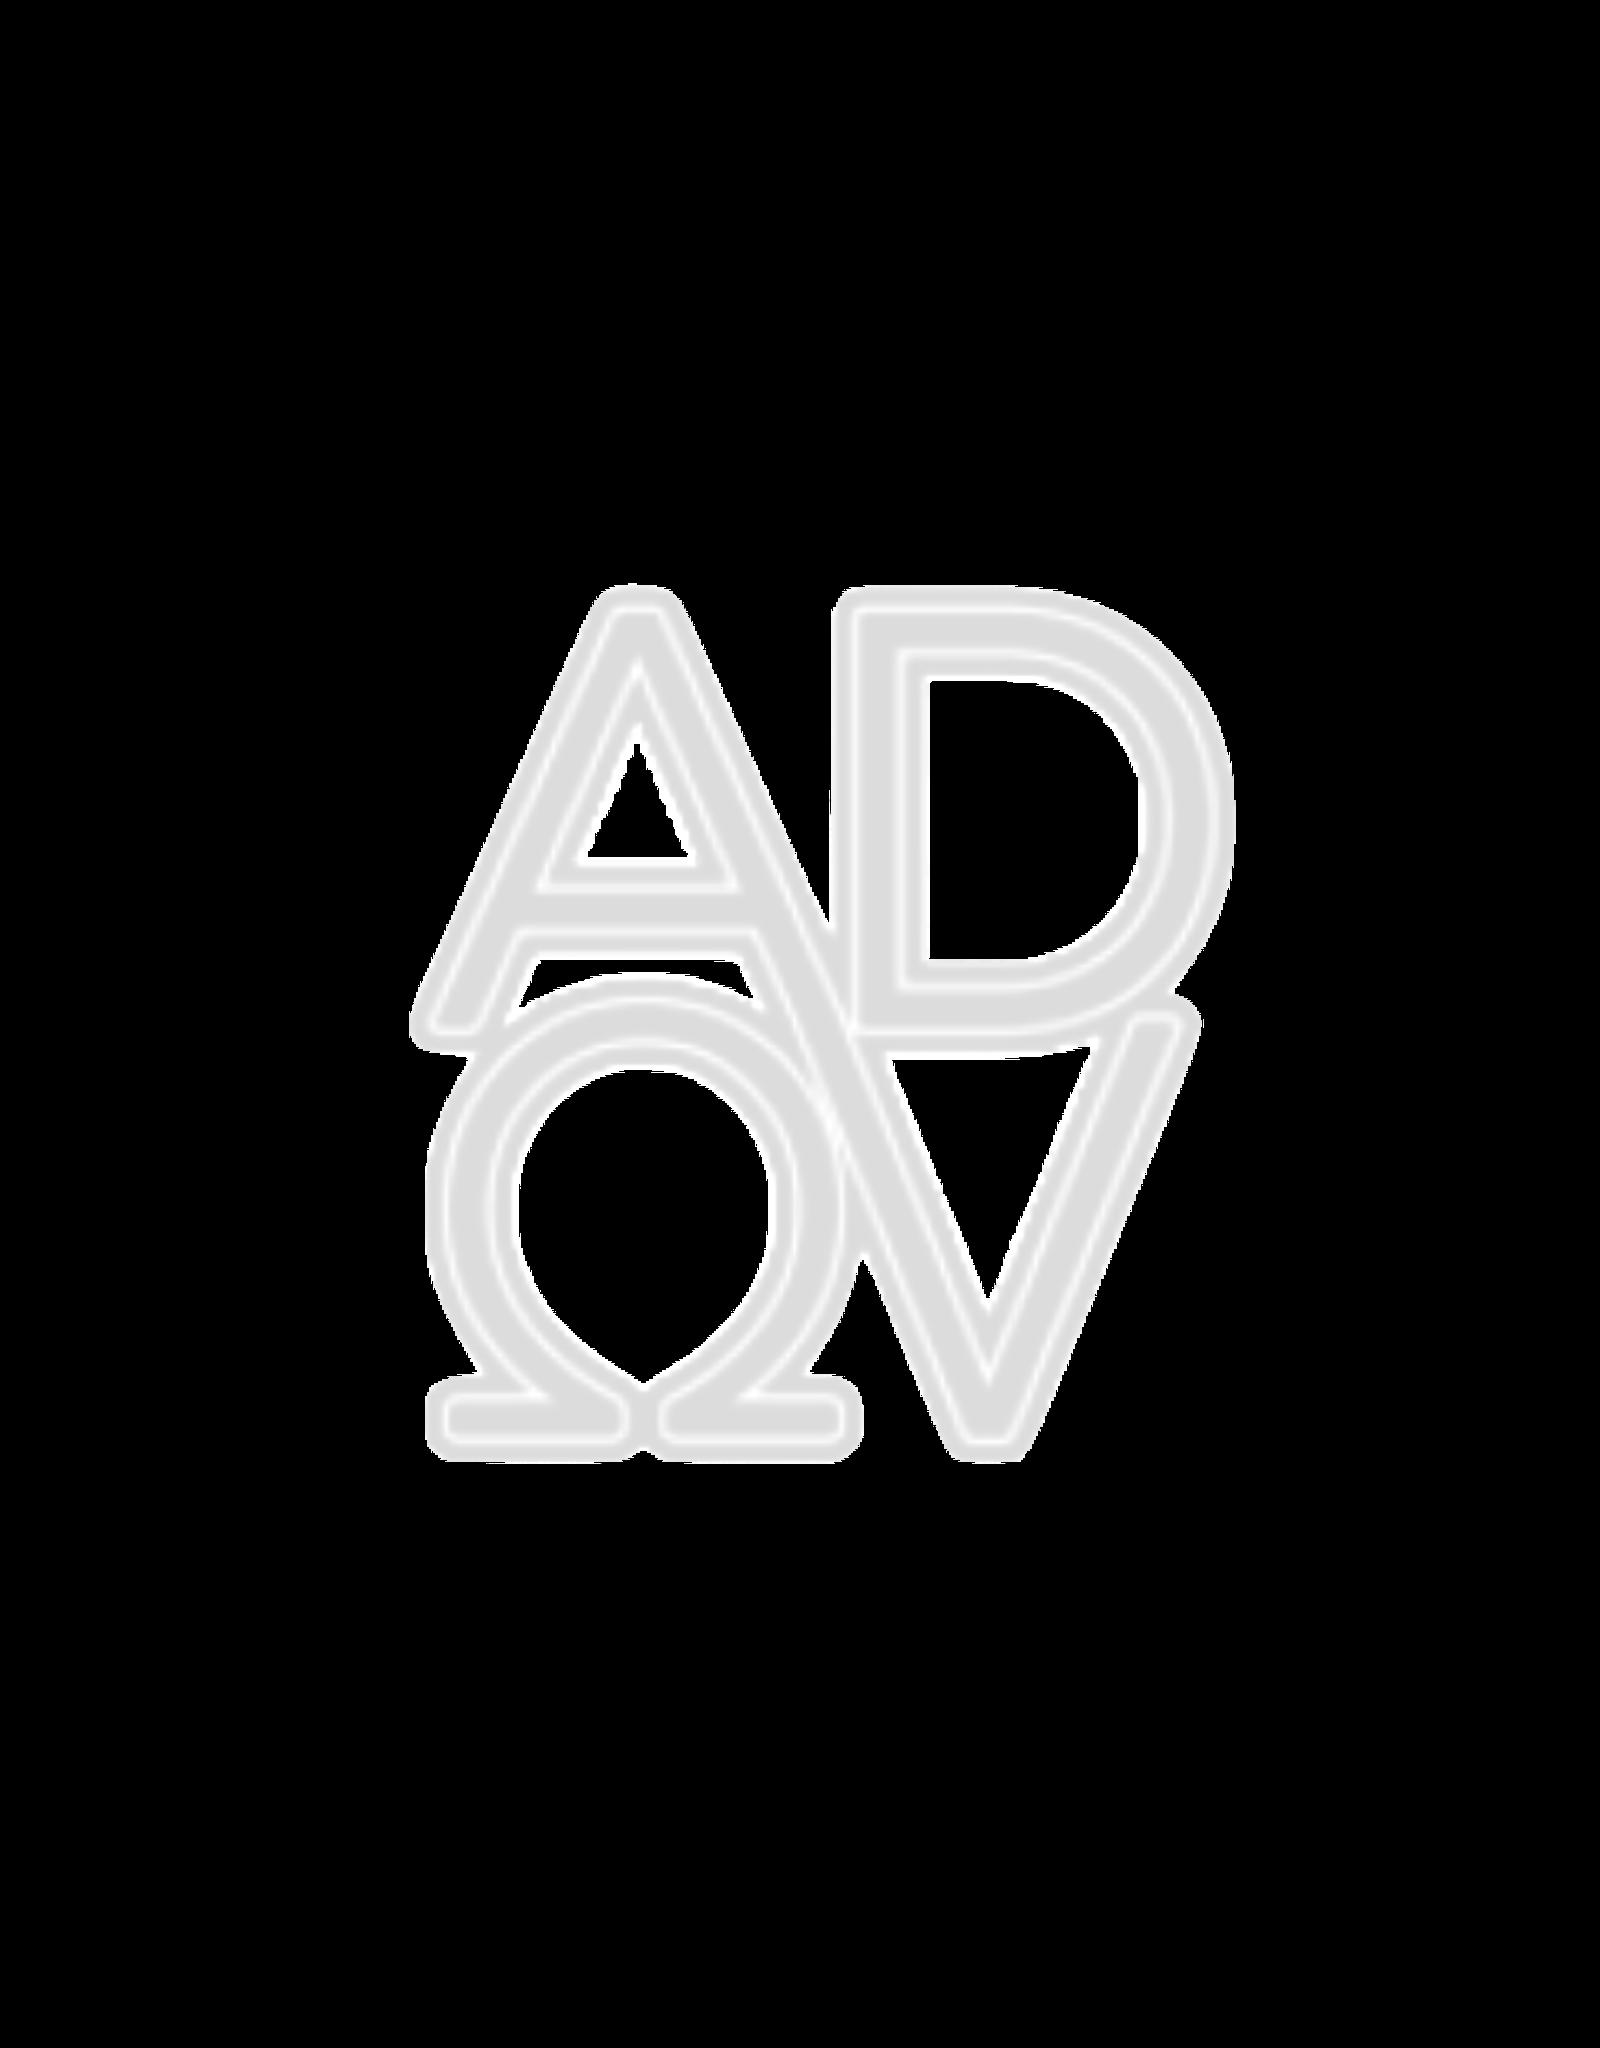 All Day Vapes ADV House Blendz E-juice (60mL)